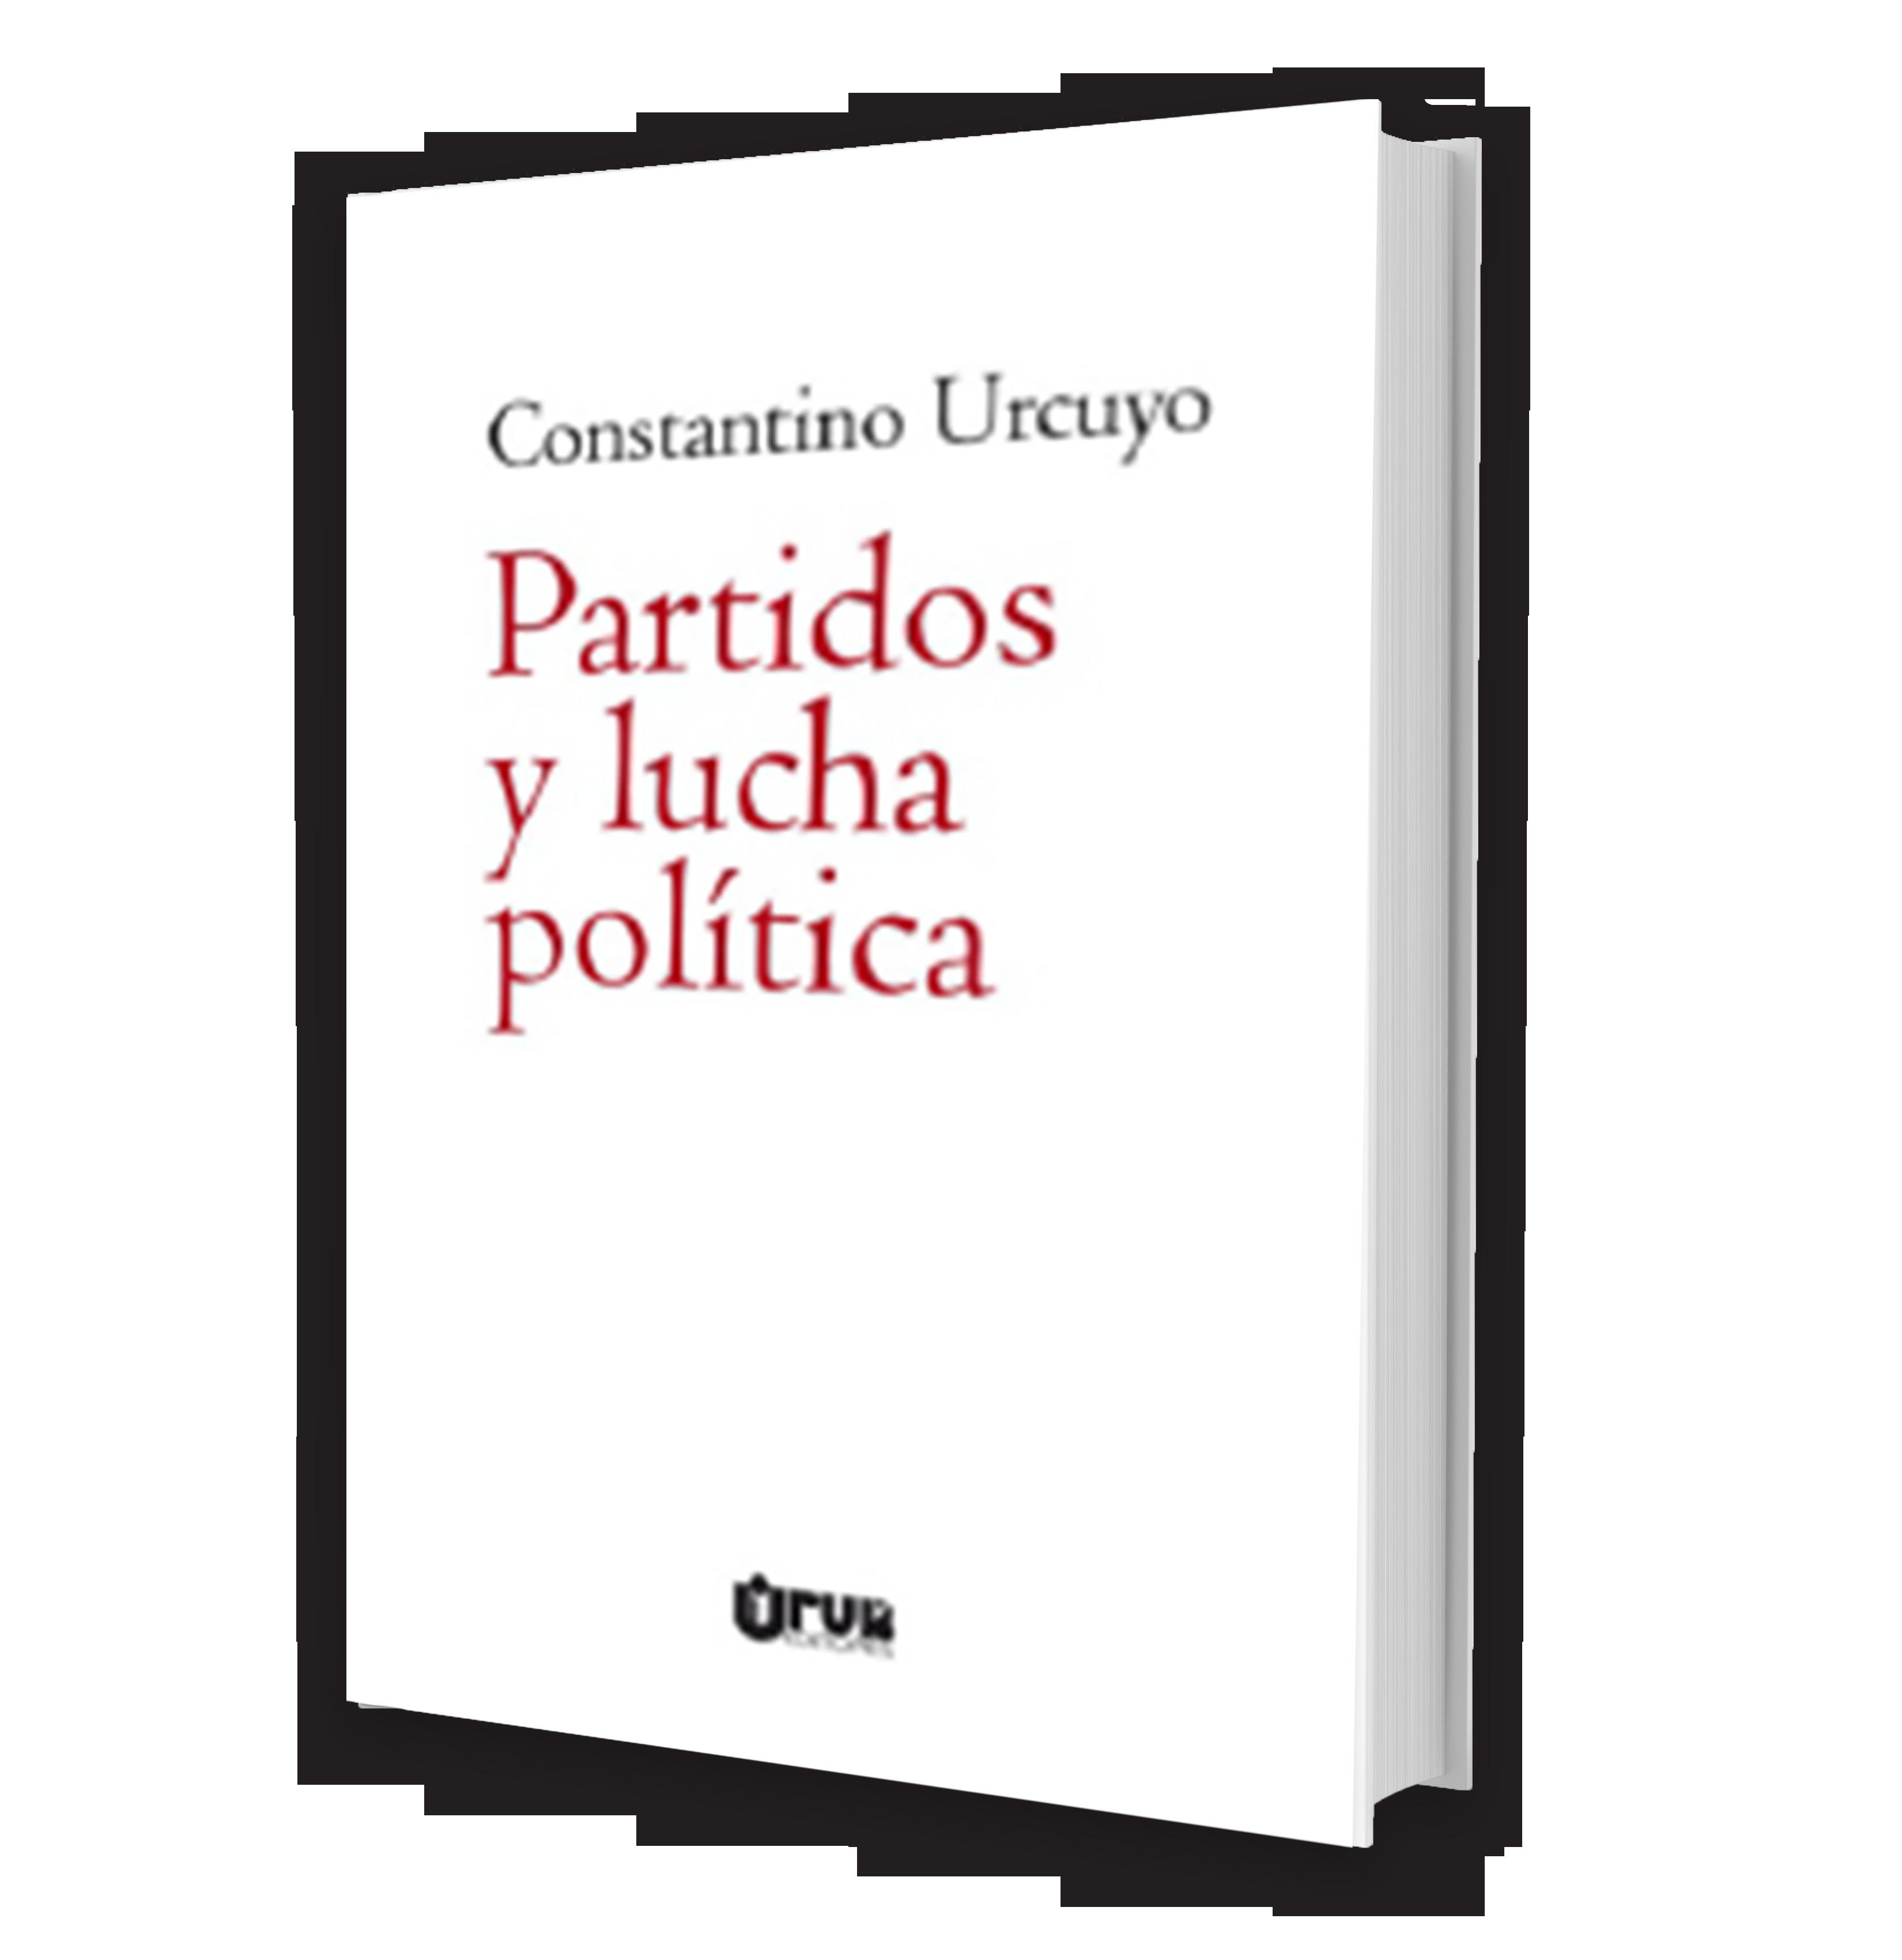 Partidos y lucha política